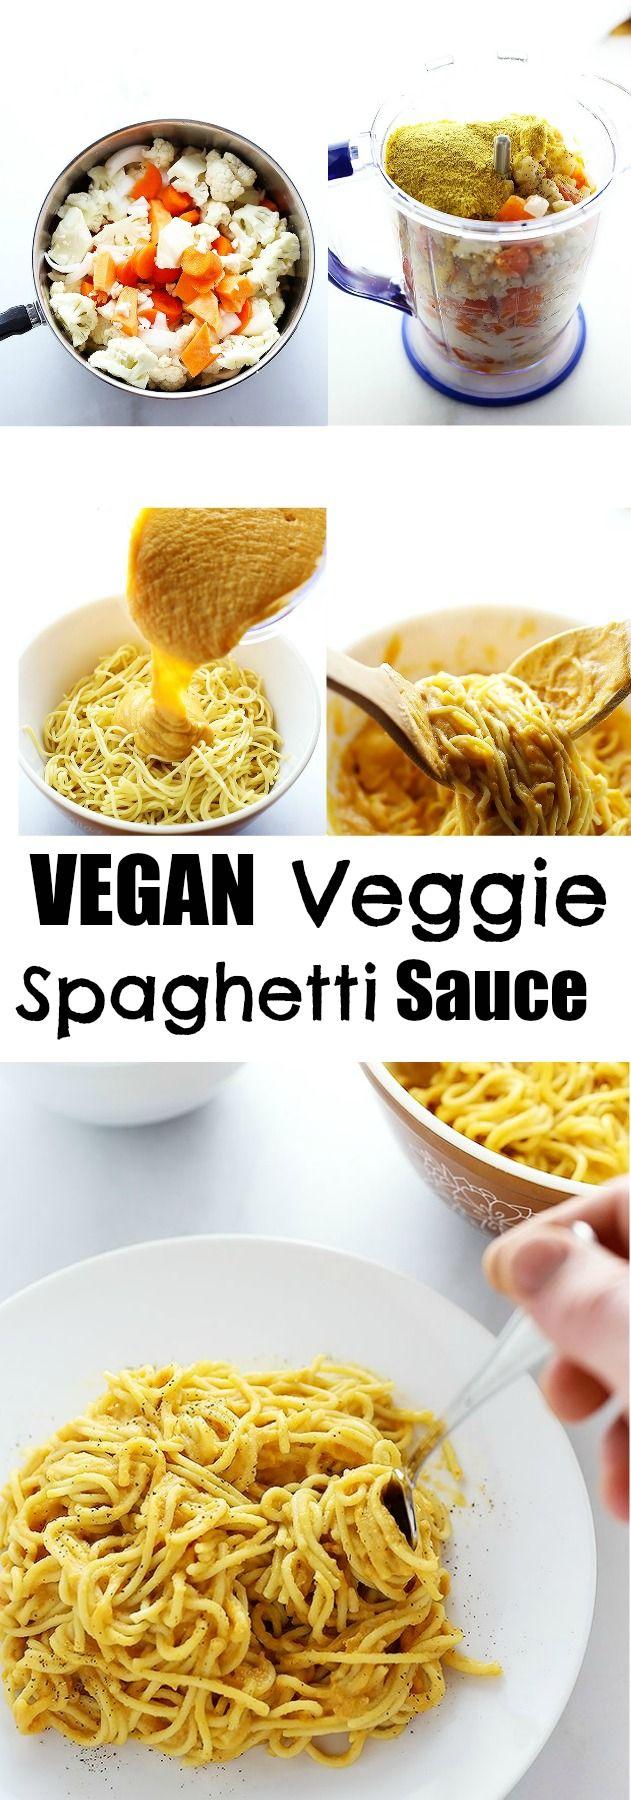 Vegan Veggie Spaghetti Sauce